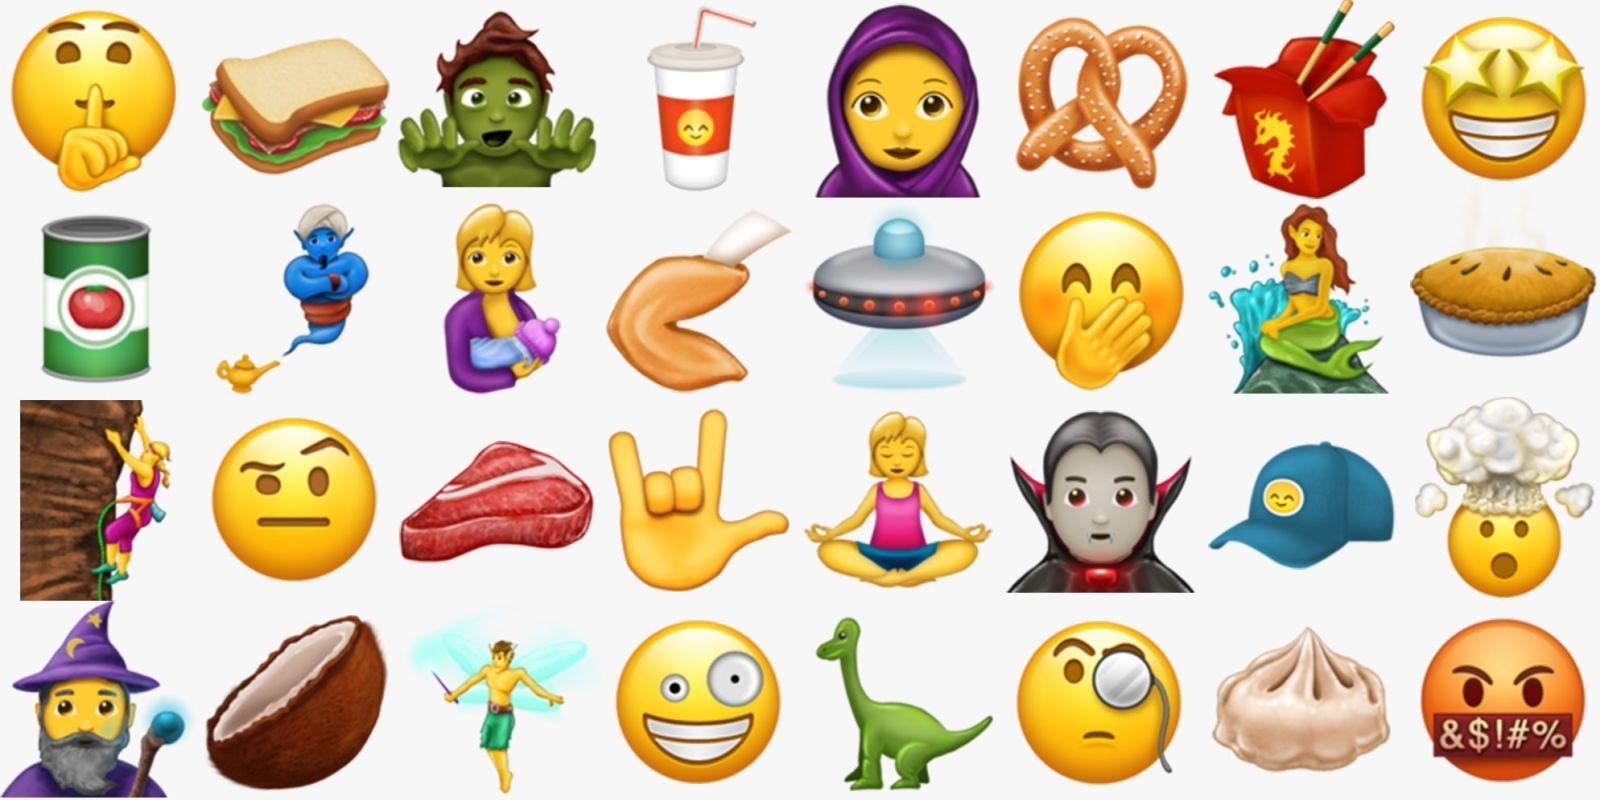 Say Hello To 56 New Emojis This Summer New Emojis Emoji Say Hello